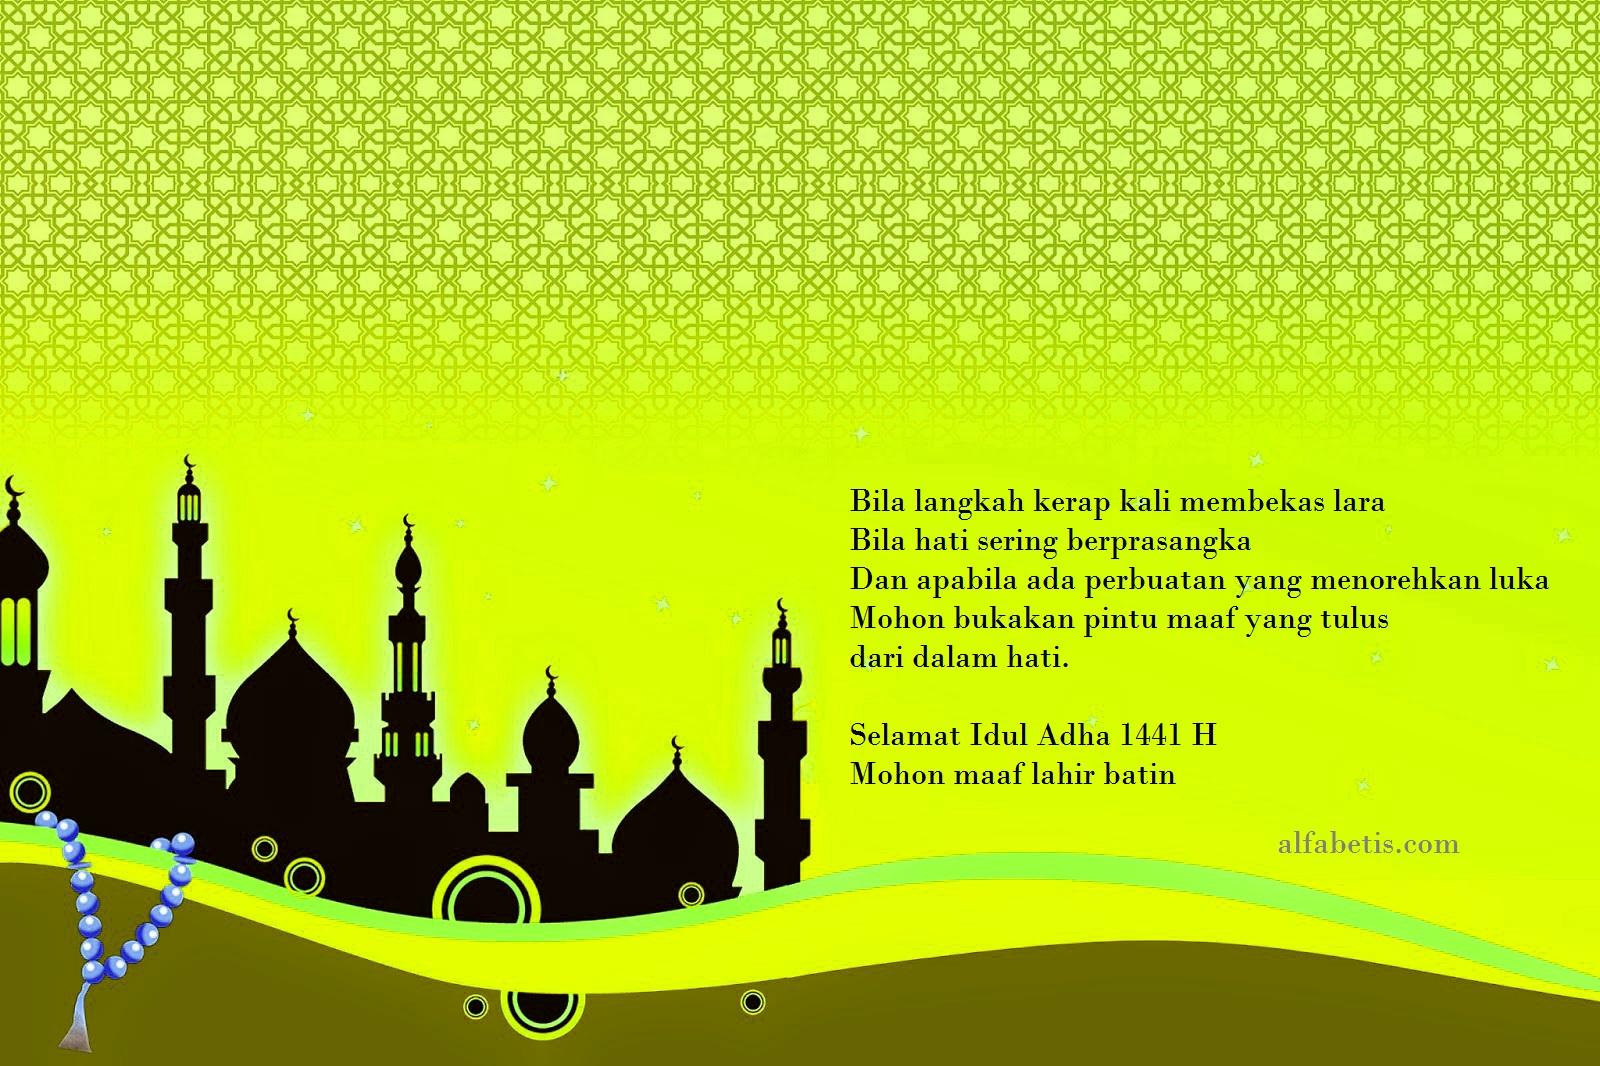 Download Gratis Kartu Ucapan Idul Adha